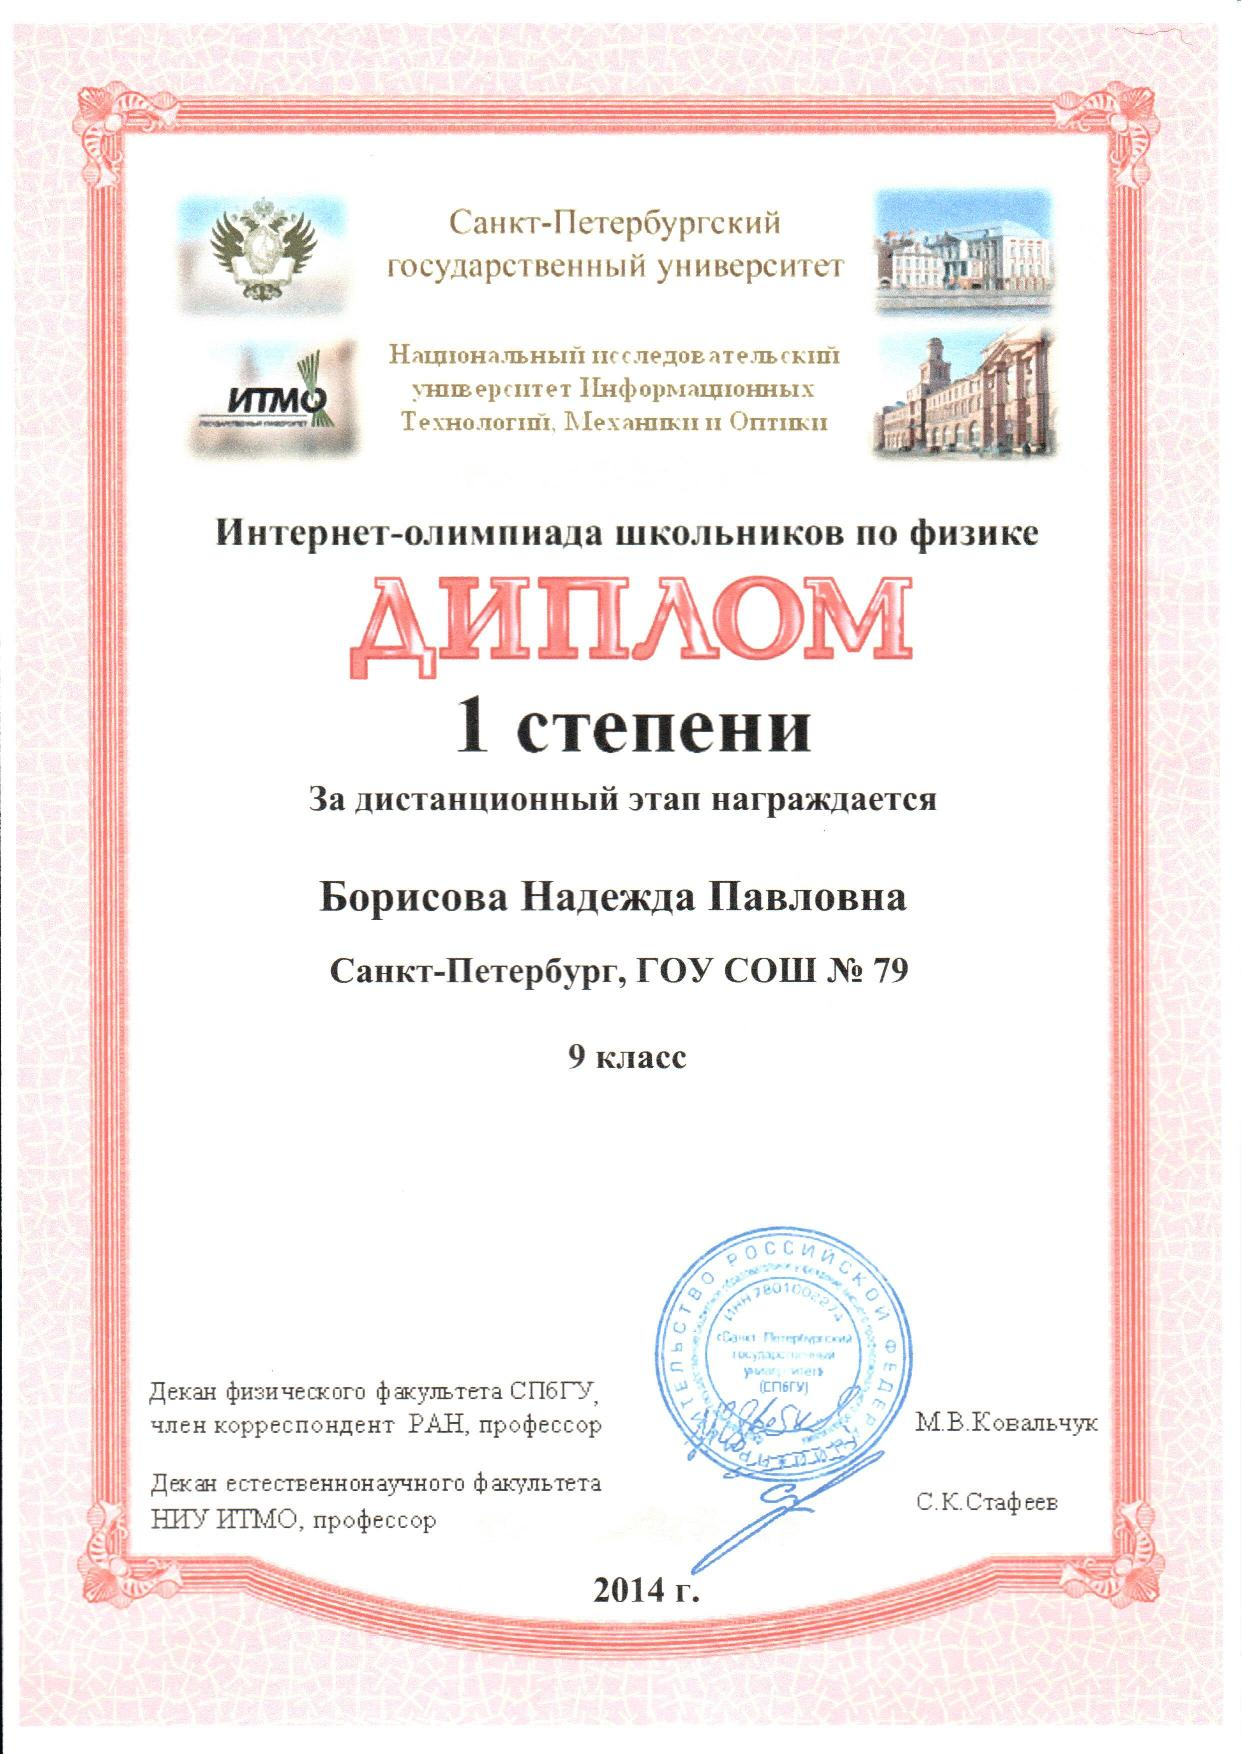 2014_1392577460_borisova